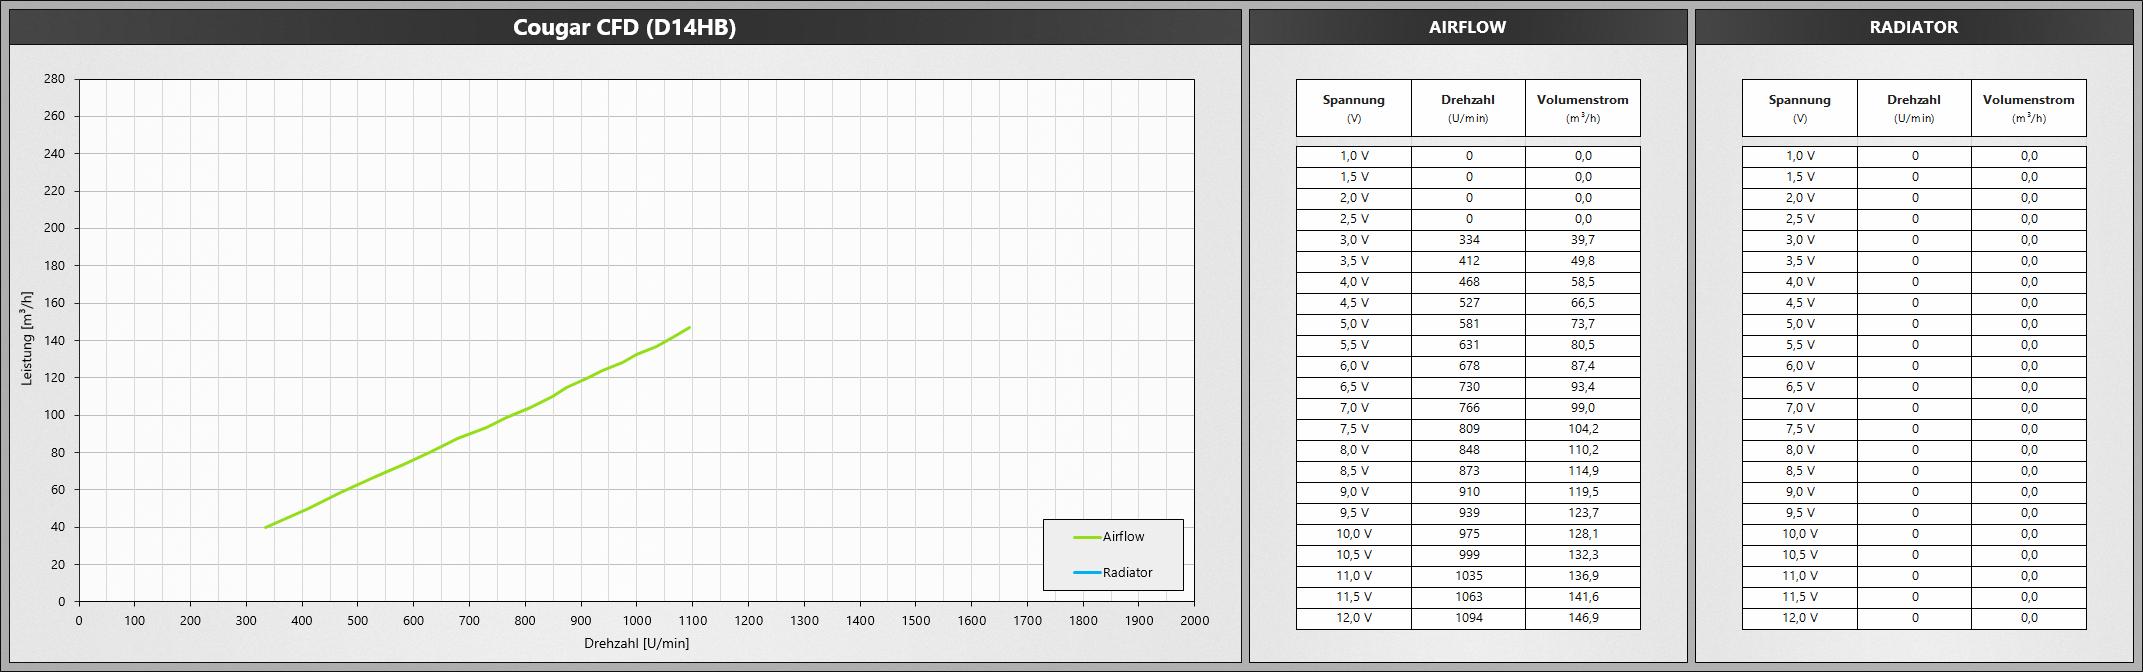 Klicken Sie auf die Grafik für eine größere Ansicht  Name:CougarD14HB.png Hits:660 Größe:465,5 KB ID:1074744